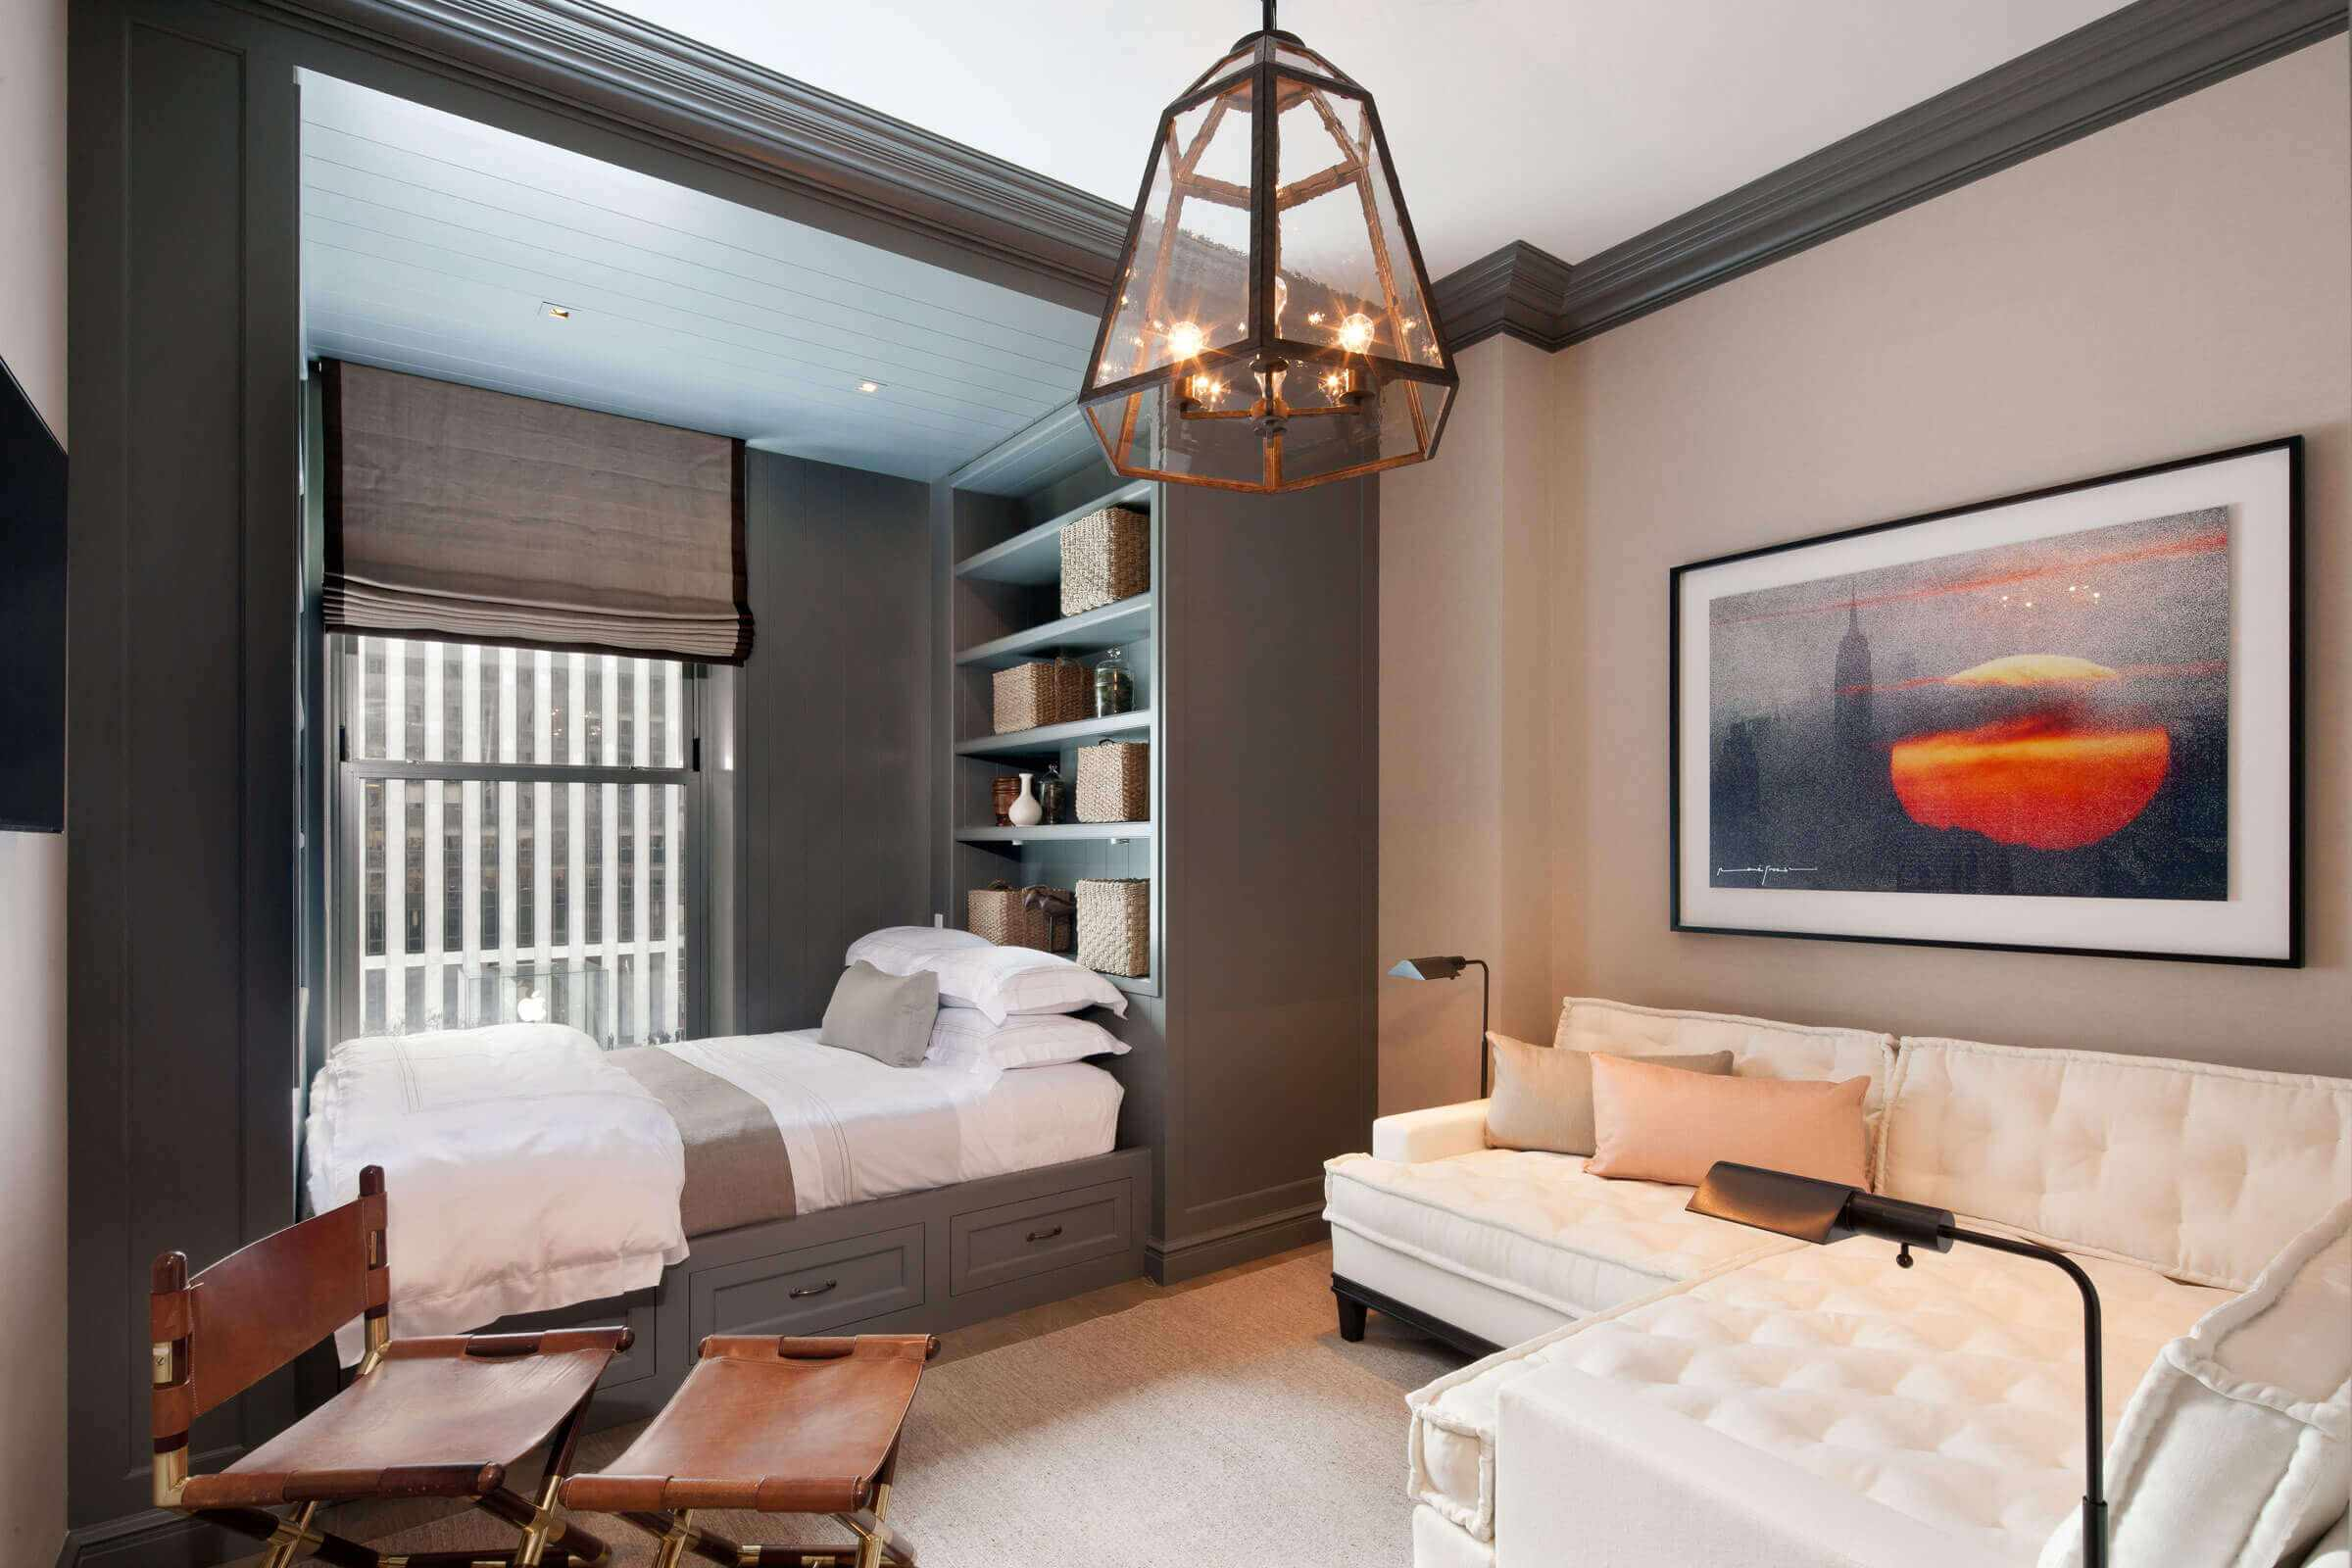 l'idée d'une chambre lumineuse de 15 m²